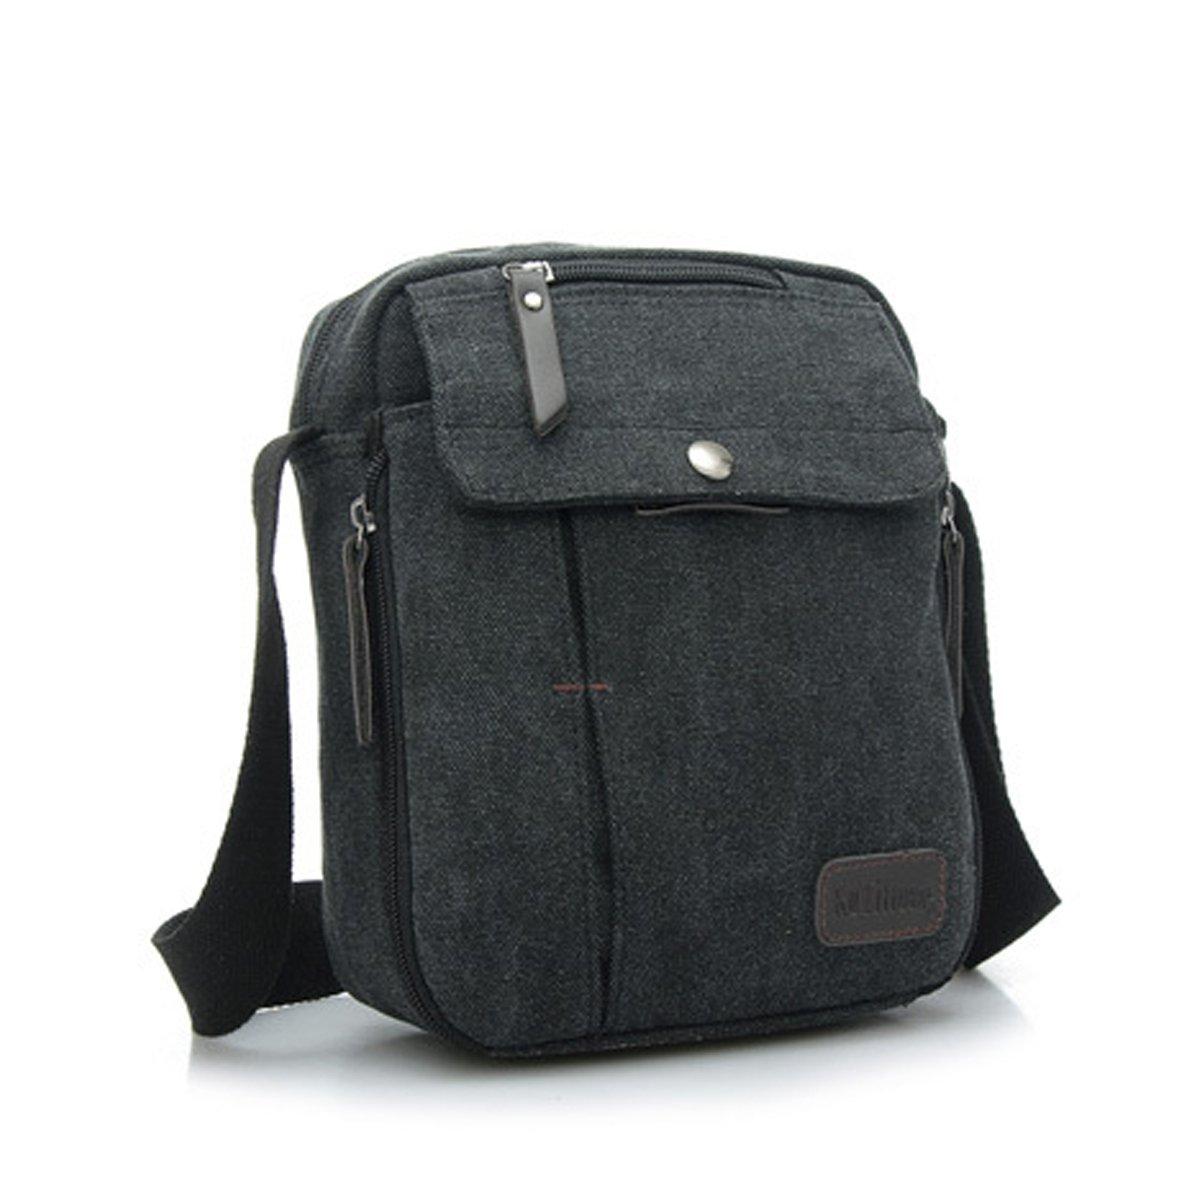 2a3aaca9f4e8 Jiele Men Vintage Canvas Messenger Bag Mini Ipad Shoulder Bag Hiking  Traveling Utility Work Bag Durable Multi pocket Sling Shoulder Bag Vintage  Military Men ...